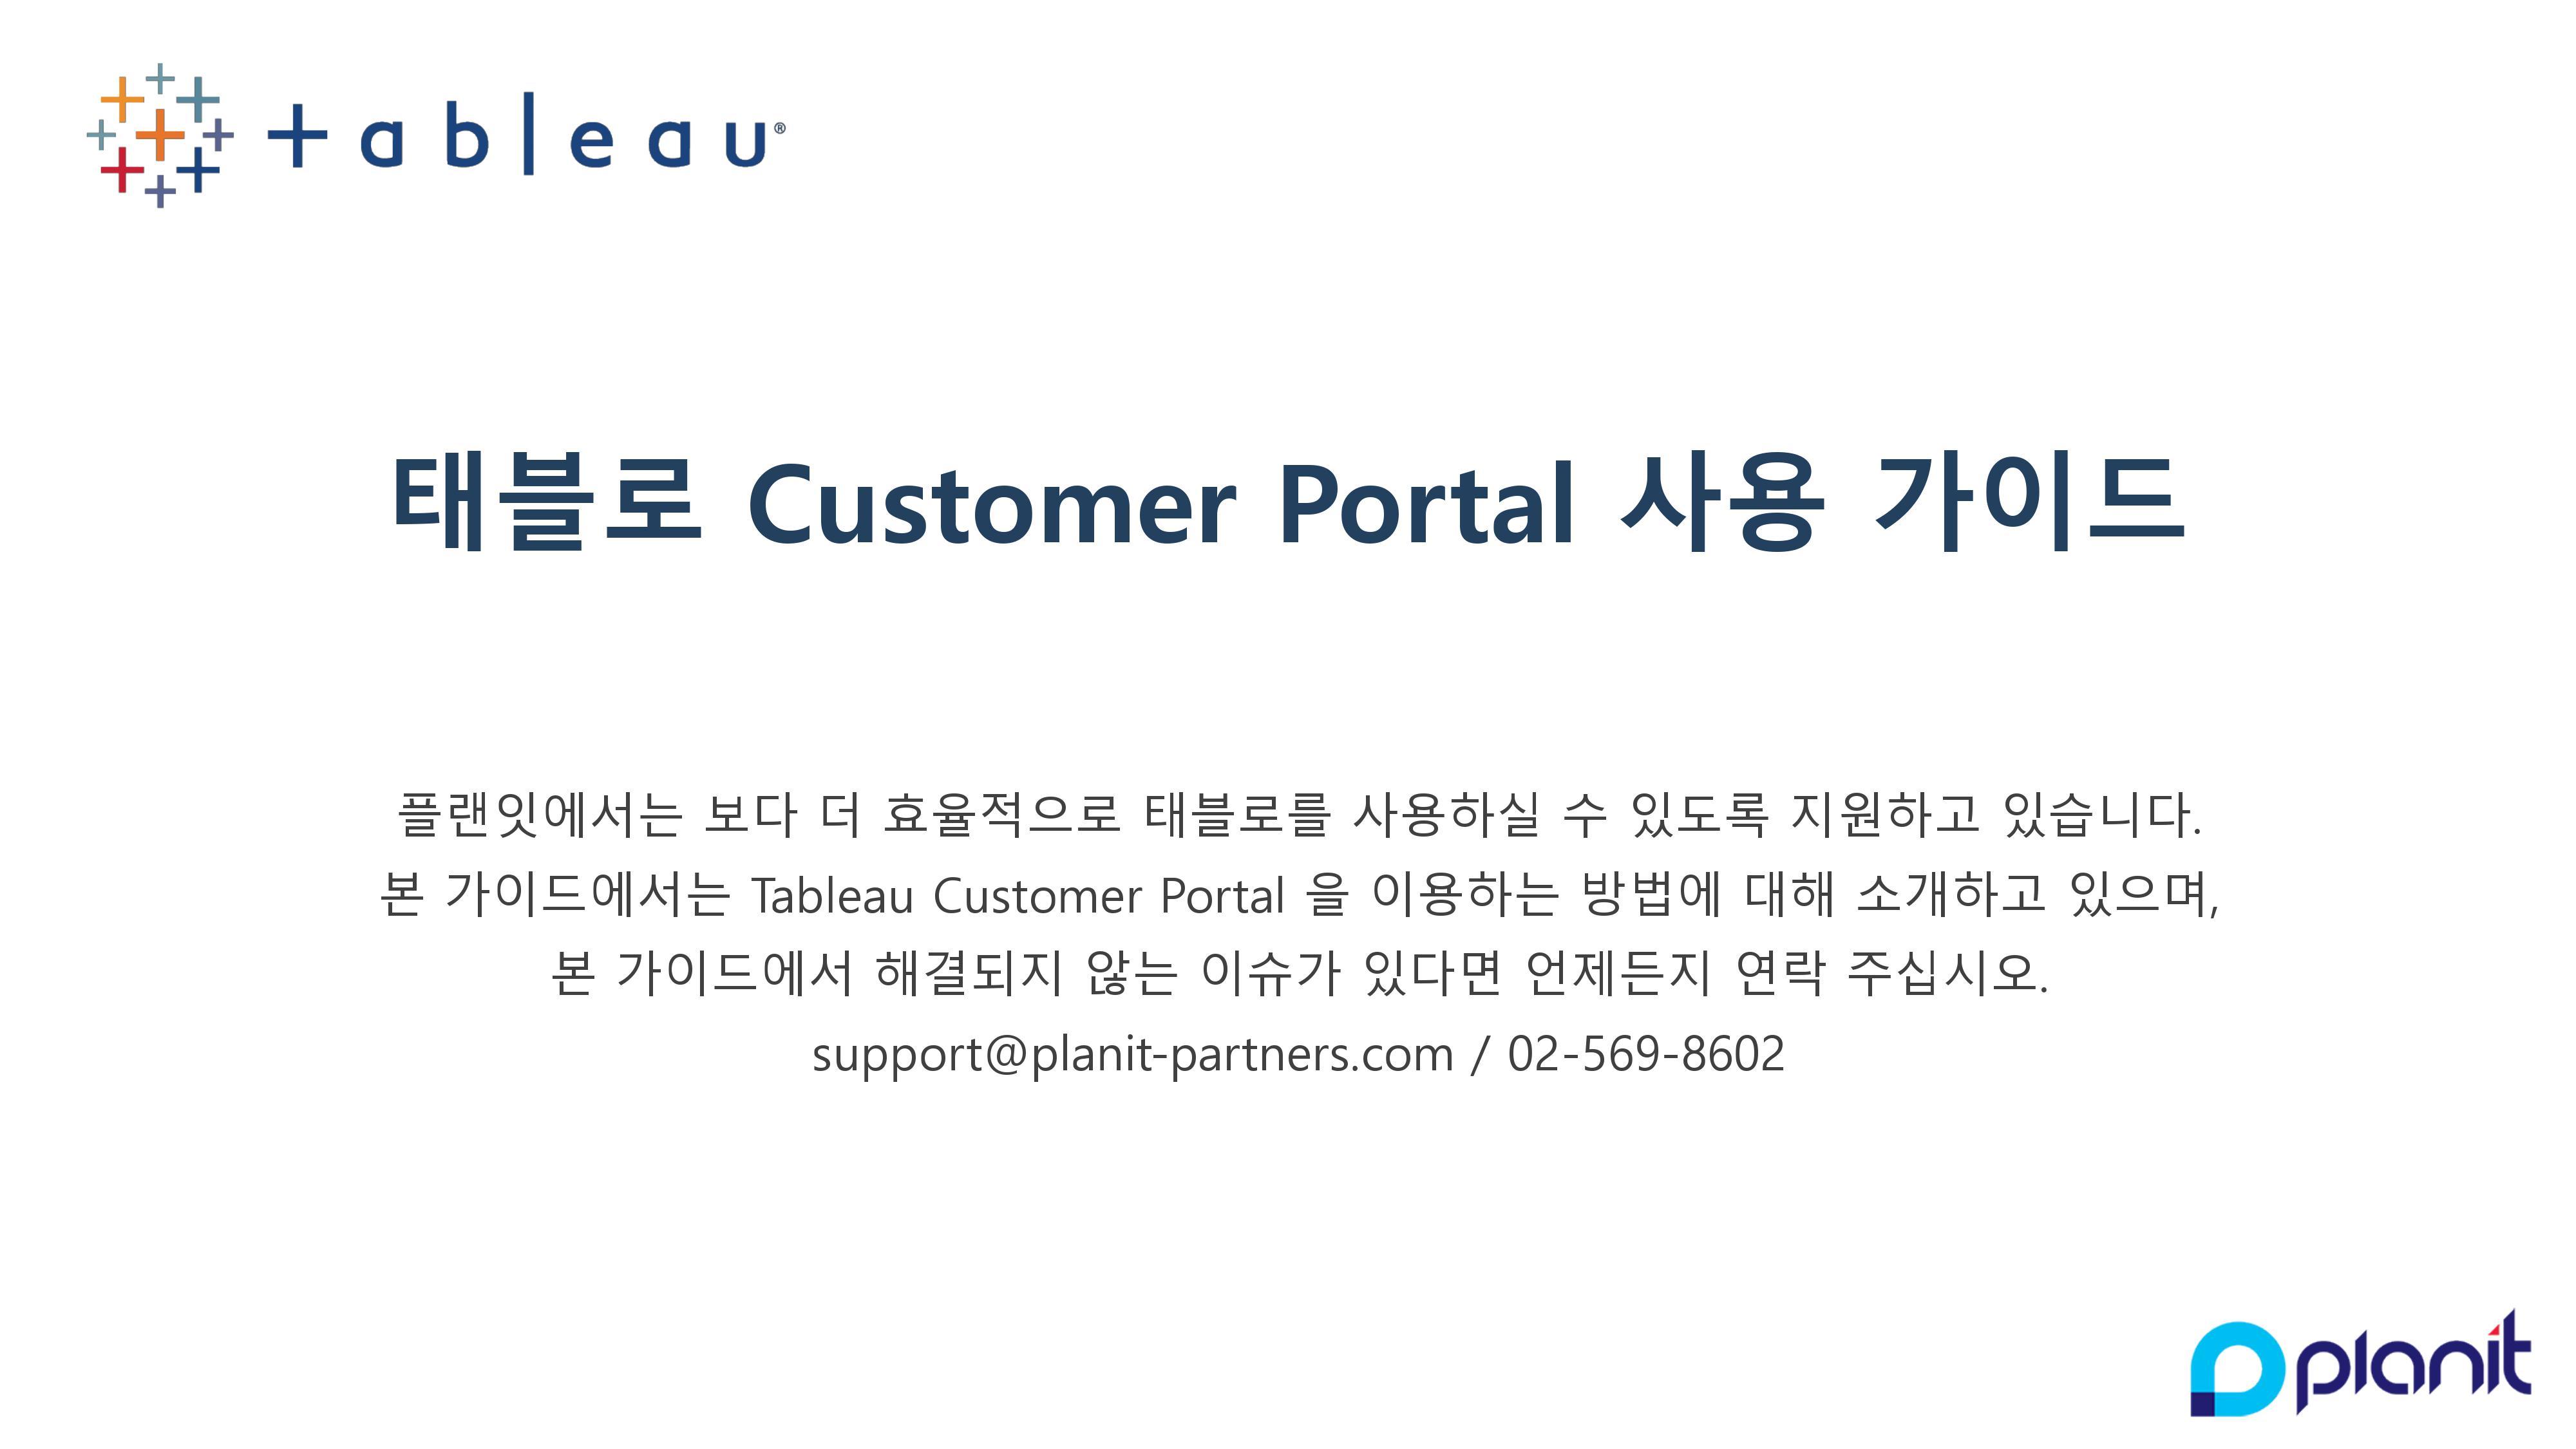 태블로 Customer Portal 사용 가이드 - 태블로 골드파트너 | 플랜잇